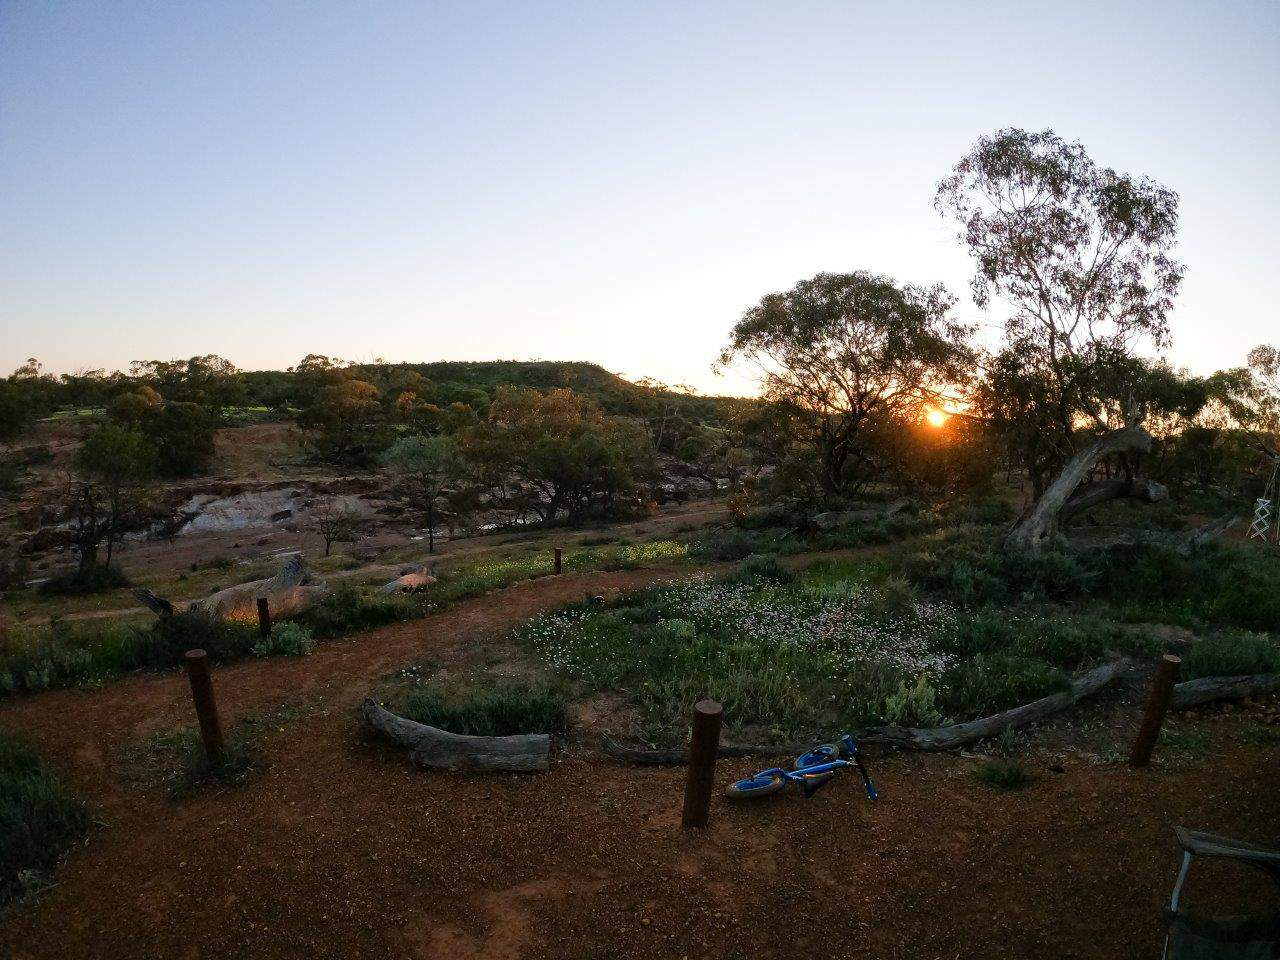 Sunset at Coalseam